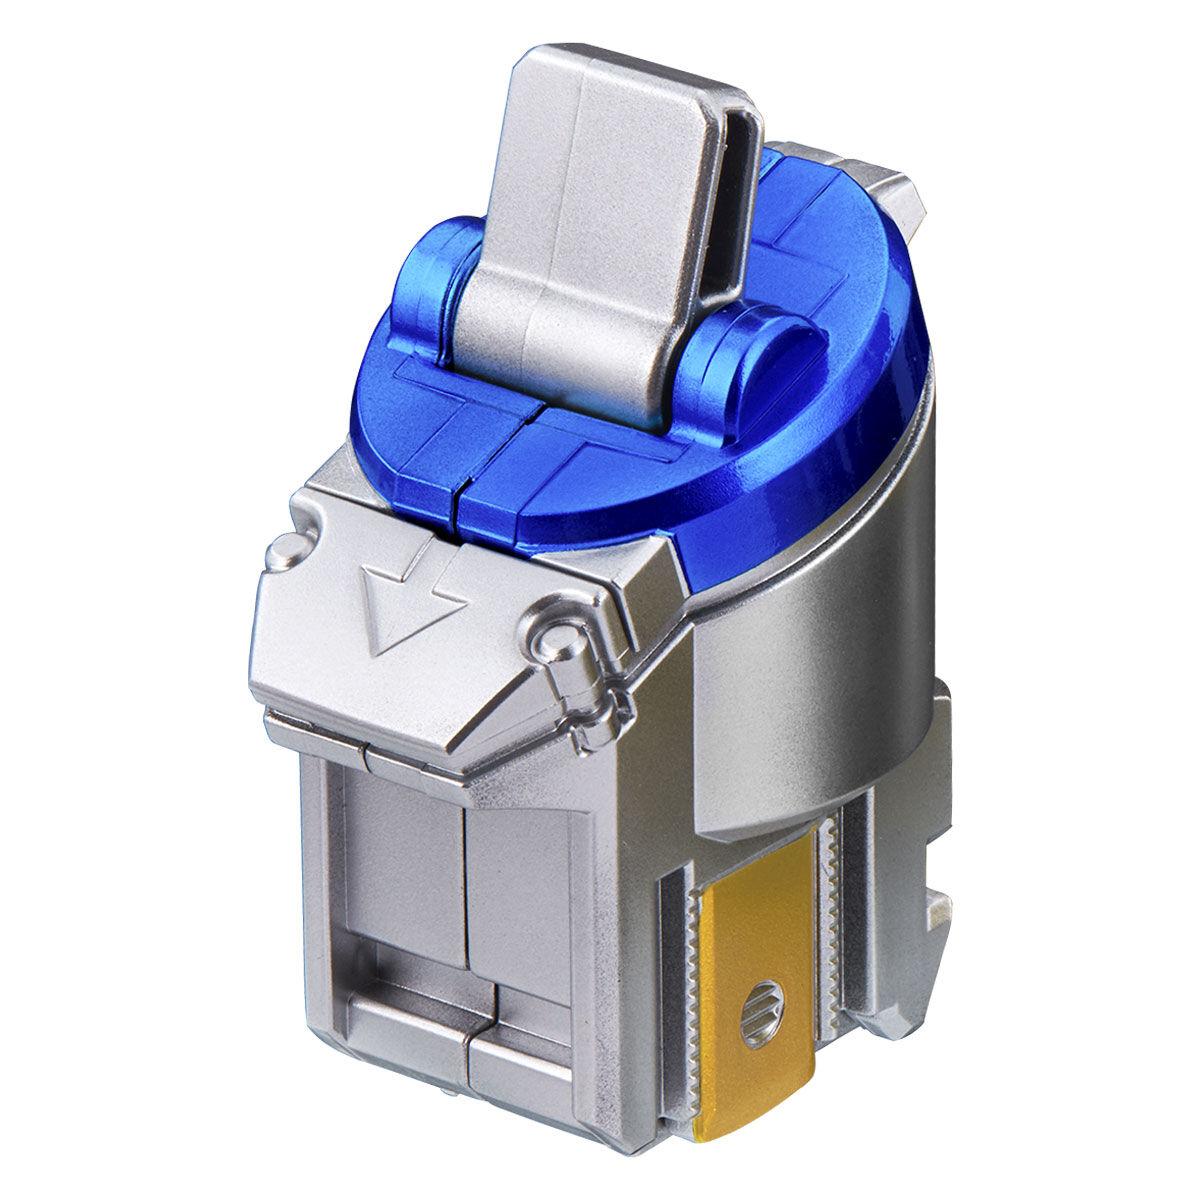 【限定販売】仮面ライダーフォーゼ『変身ベルト DXなでしこドライバー』仮面ライダーなでしこ 変身なりきり-009